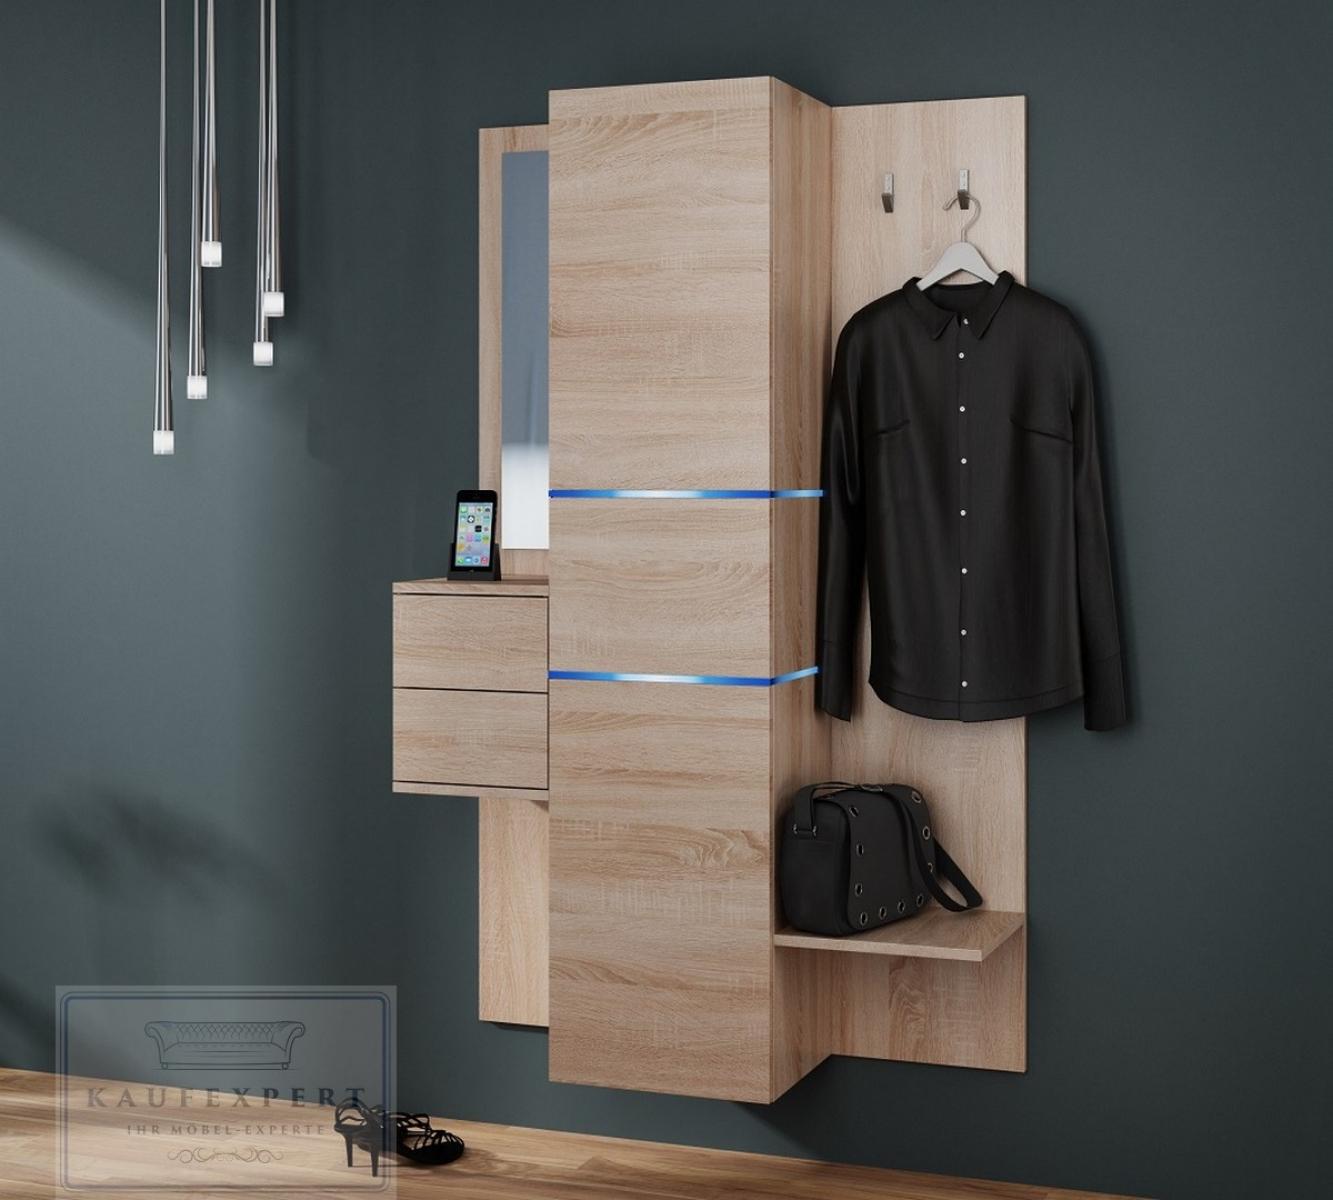 Kaufexpert garderobe camino sonoma eiche mit spiegel led for Garderoben set mit spiegel